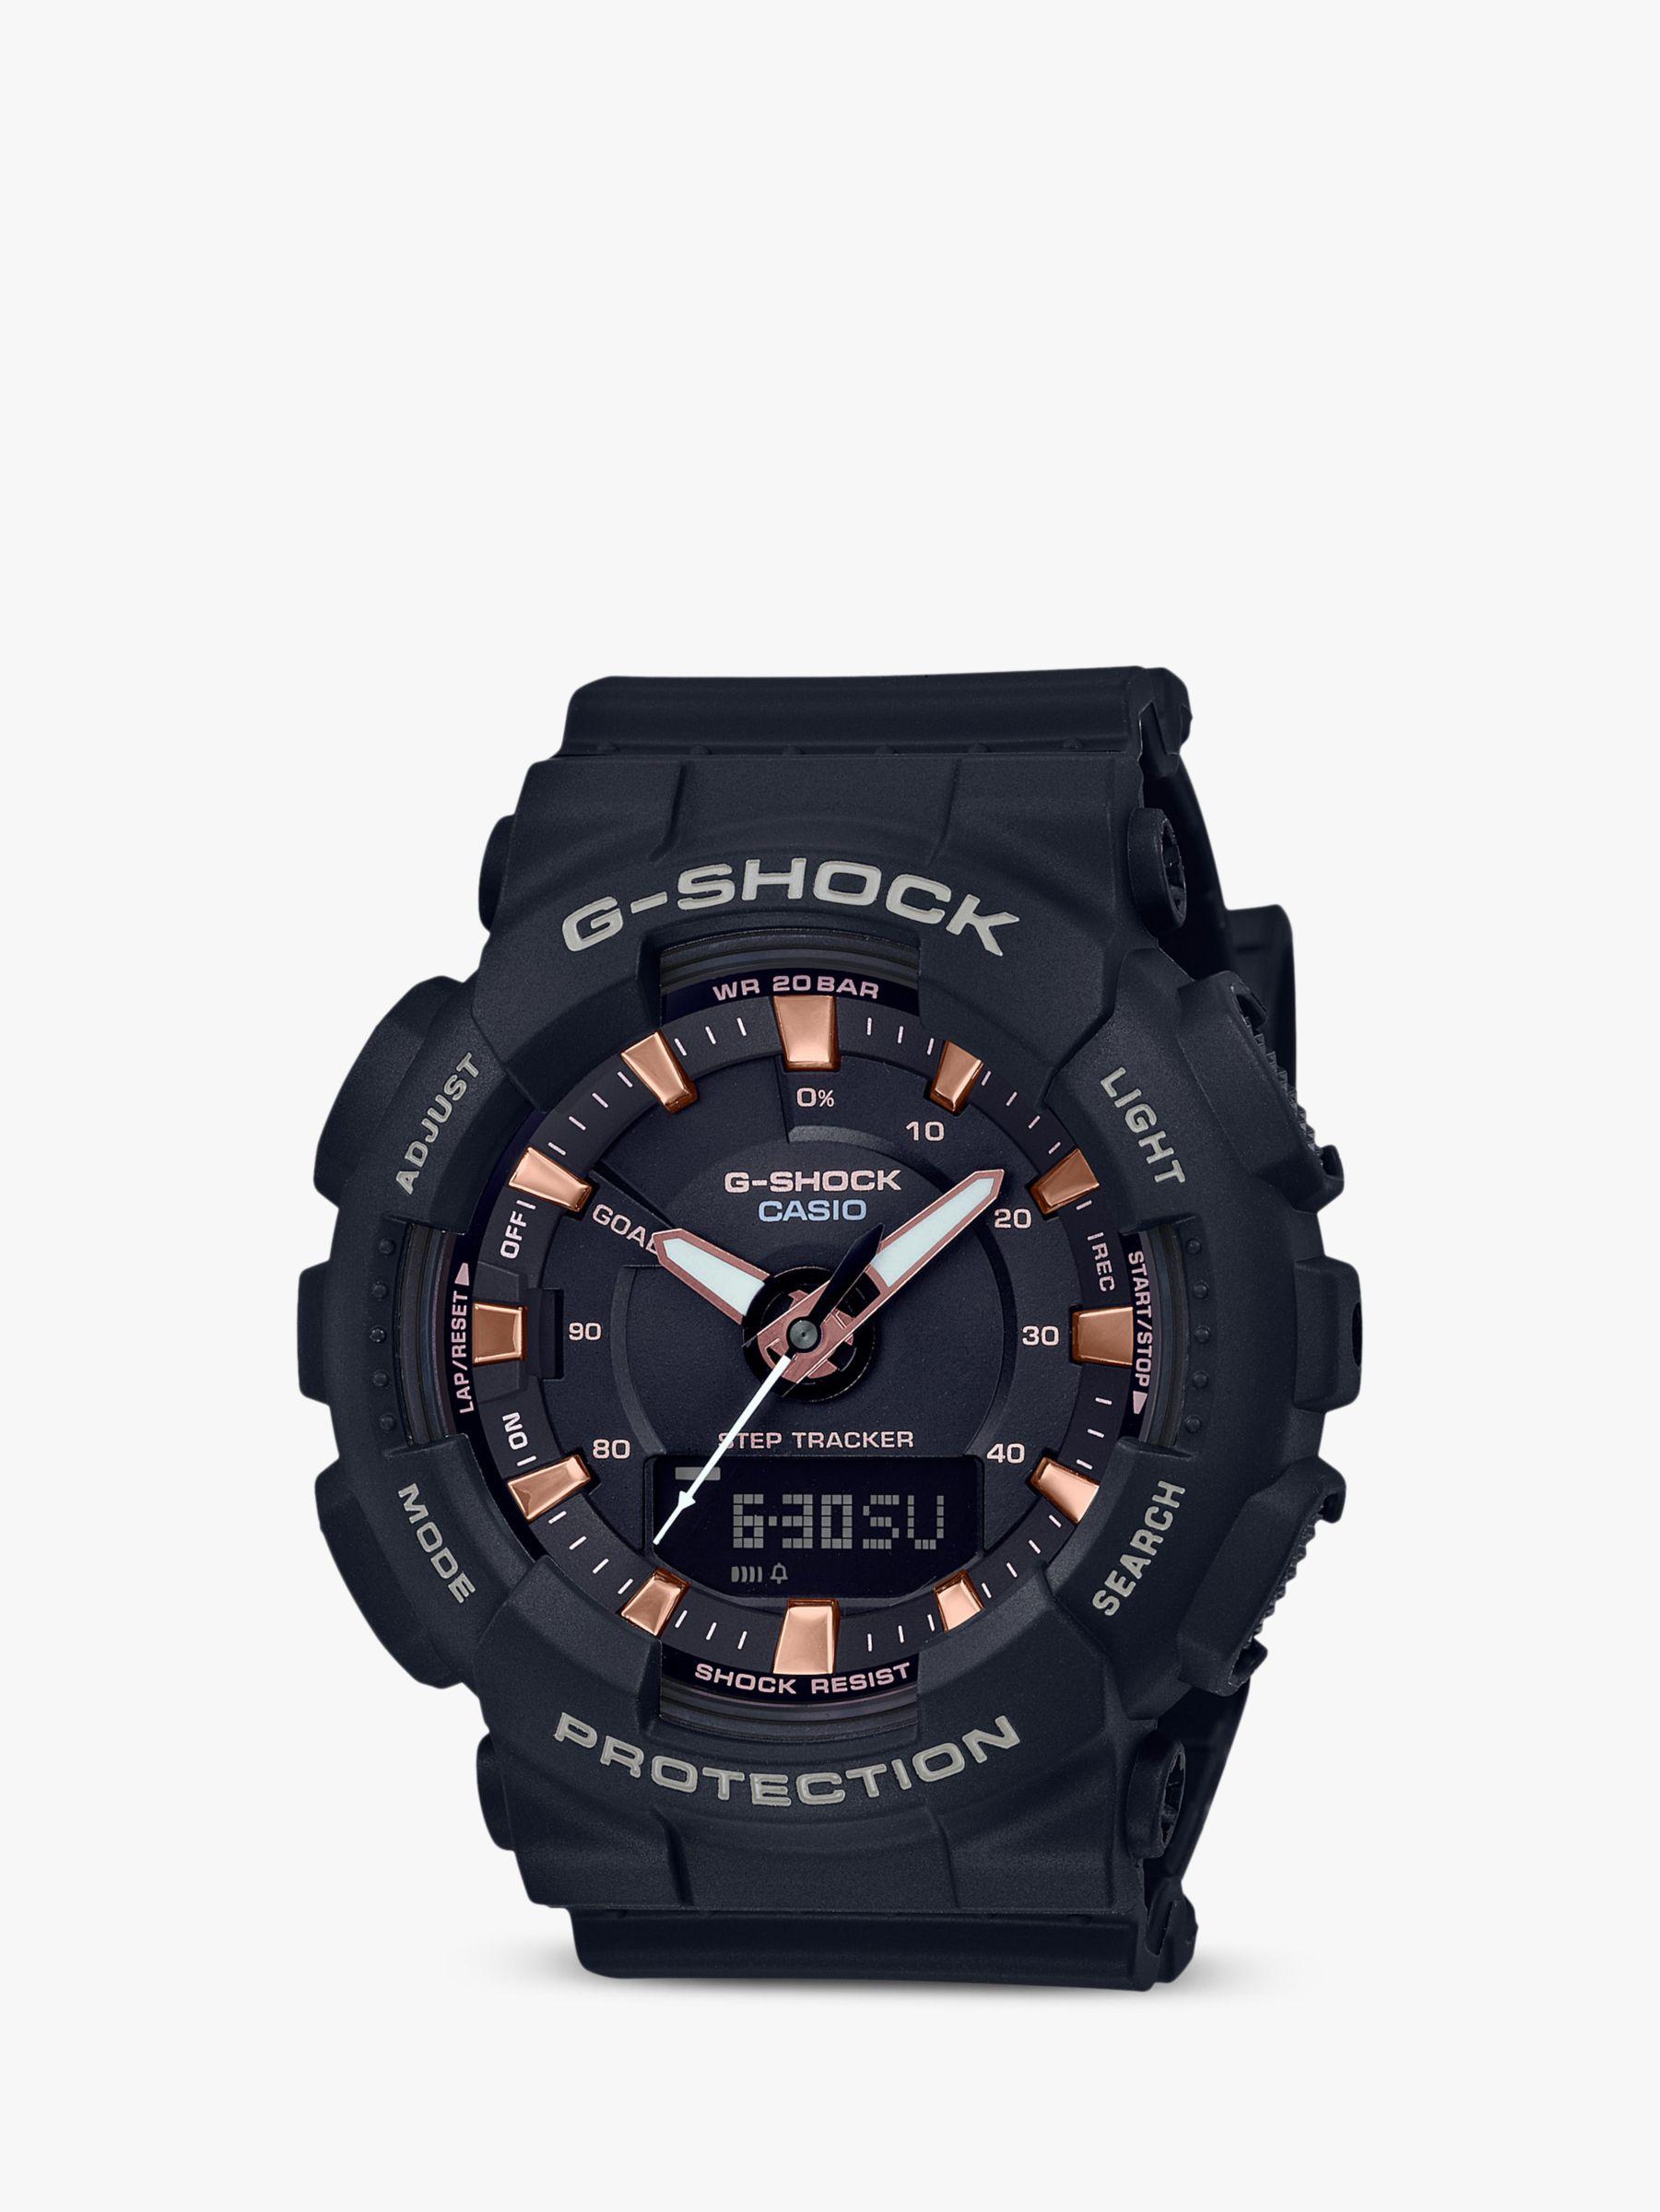 Casio Casio Unisex G-Shock Step Tracker Resin Strap Watch